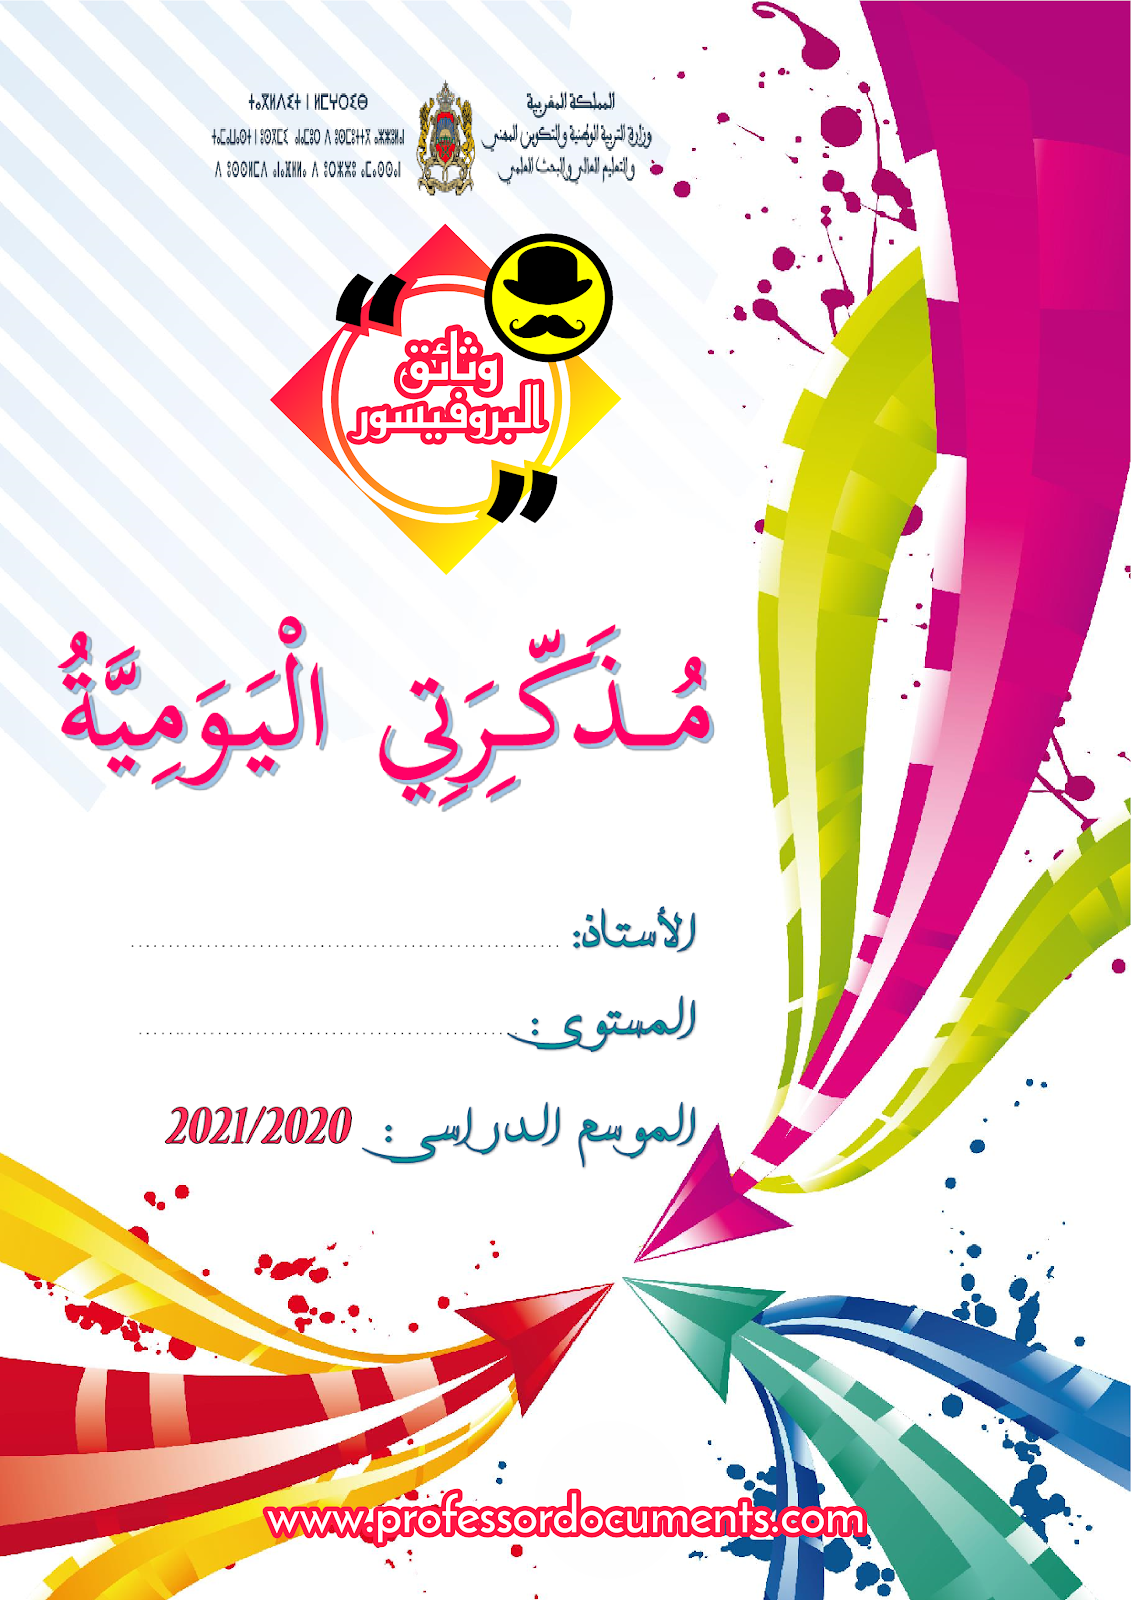 مذكرتي اليومية - التعليم الابتدائي - الموسم الدراسي 2021/2020 .